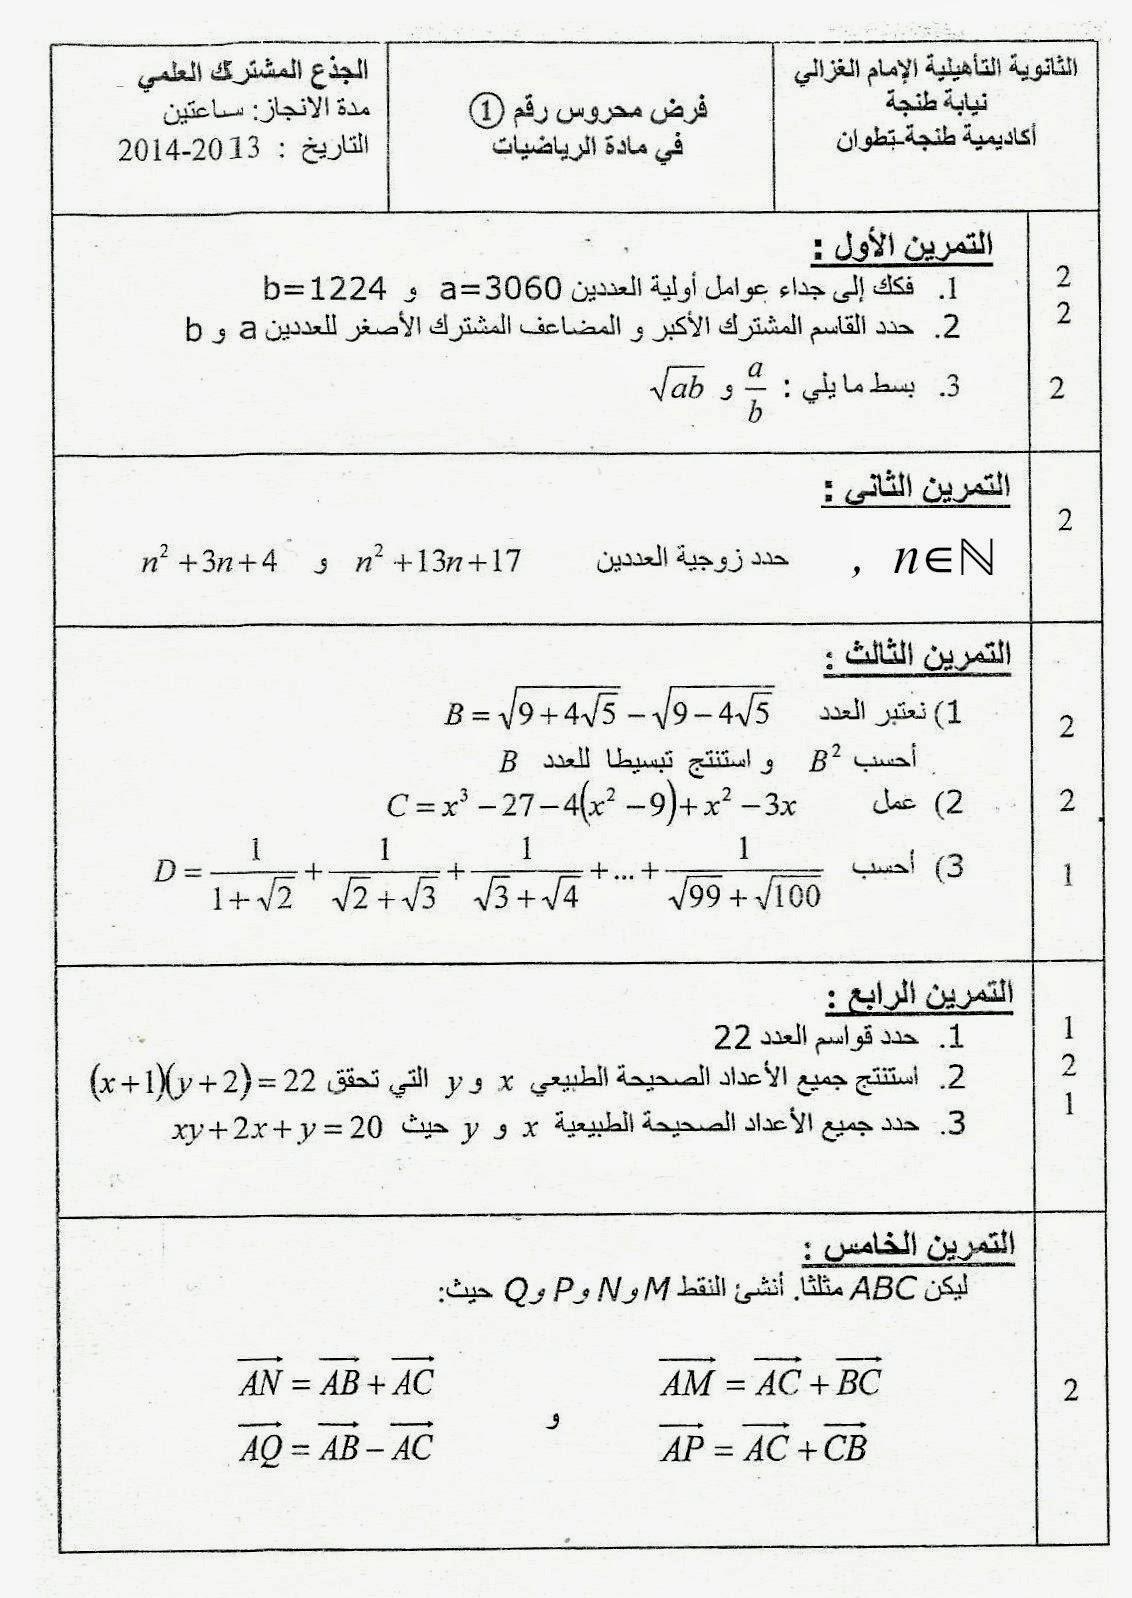 فرض الرياضيات